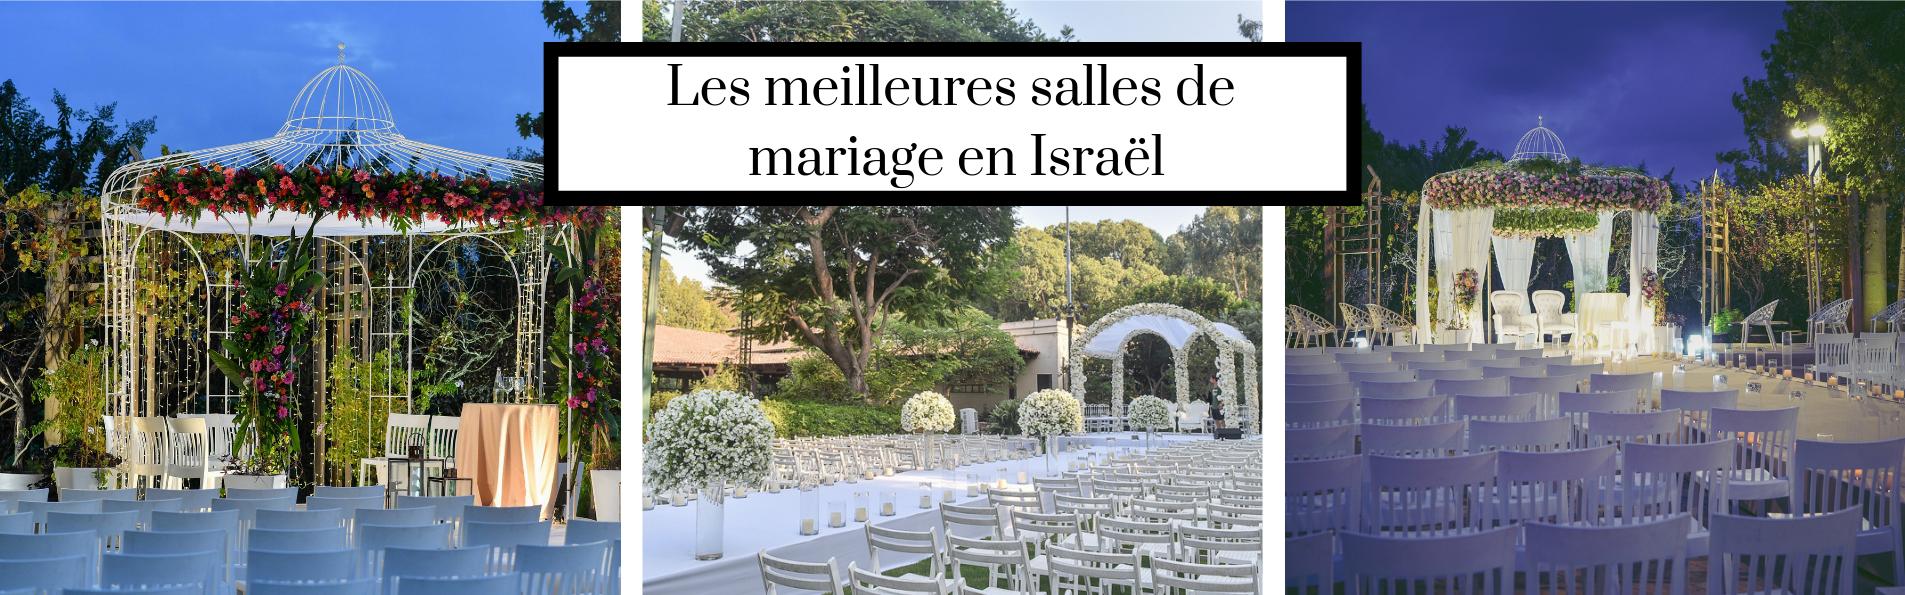 salle de mariage en israel